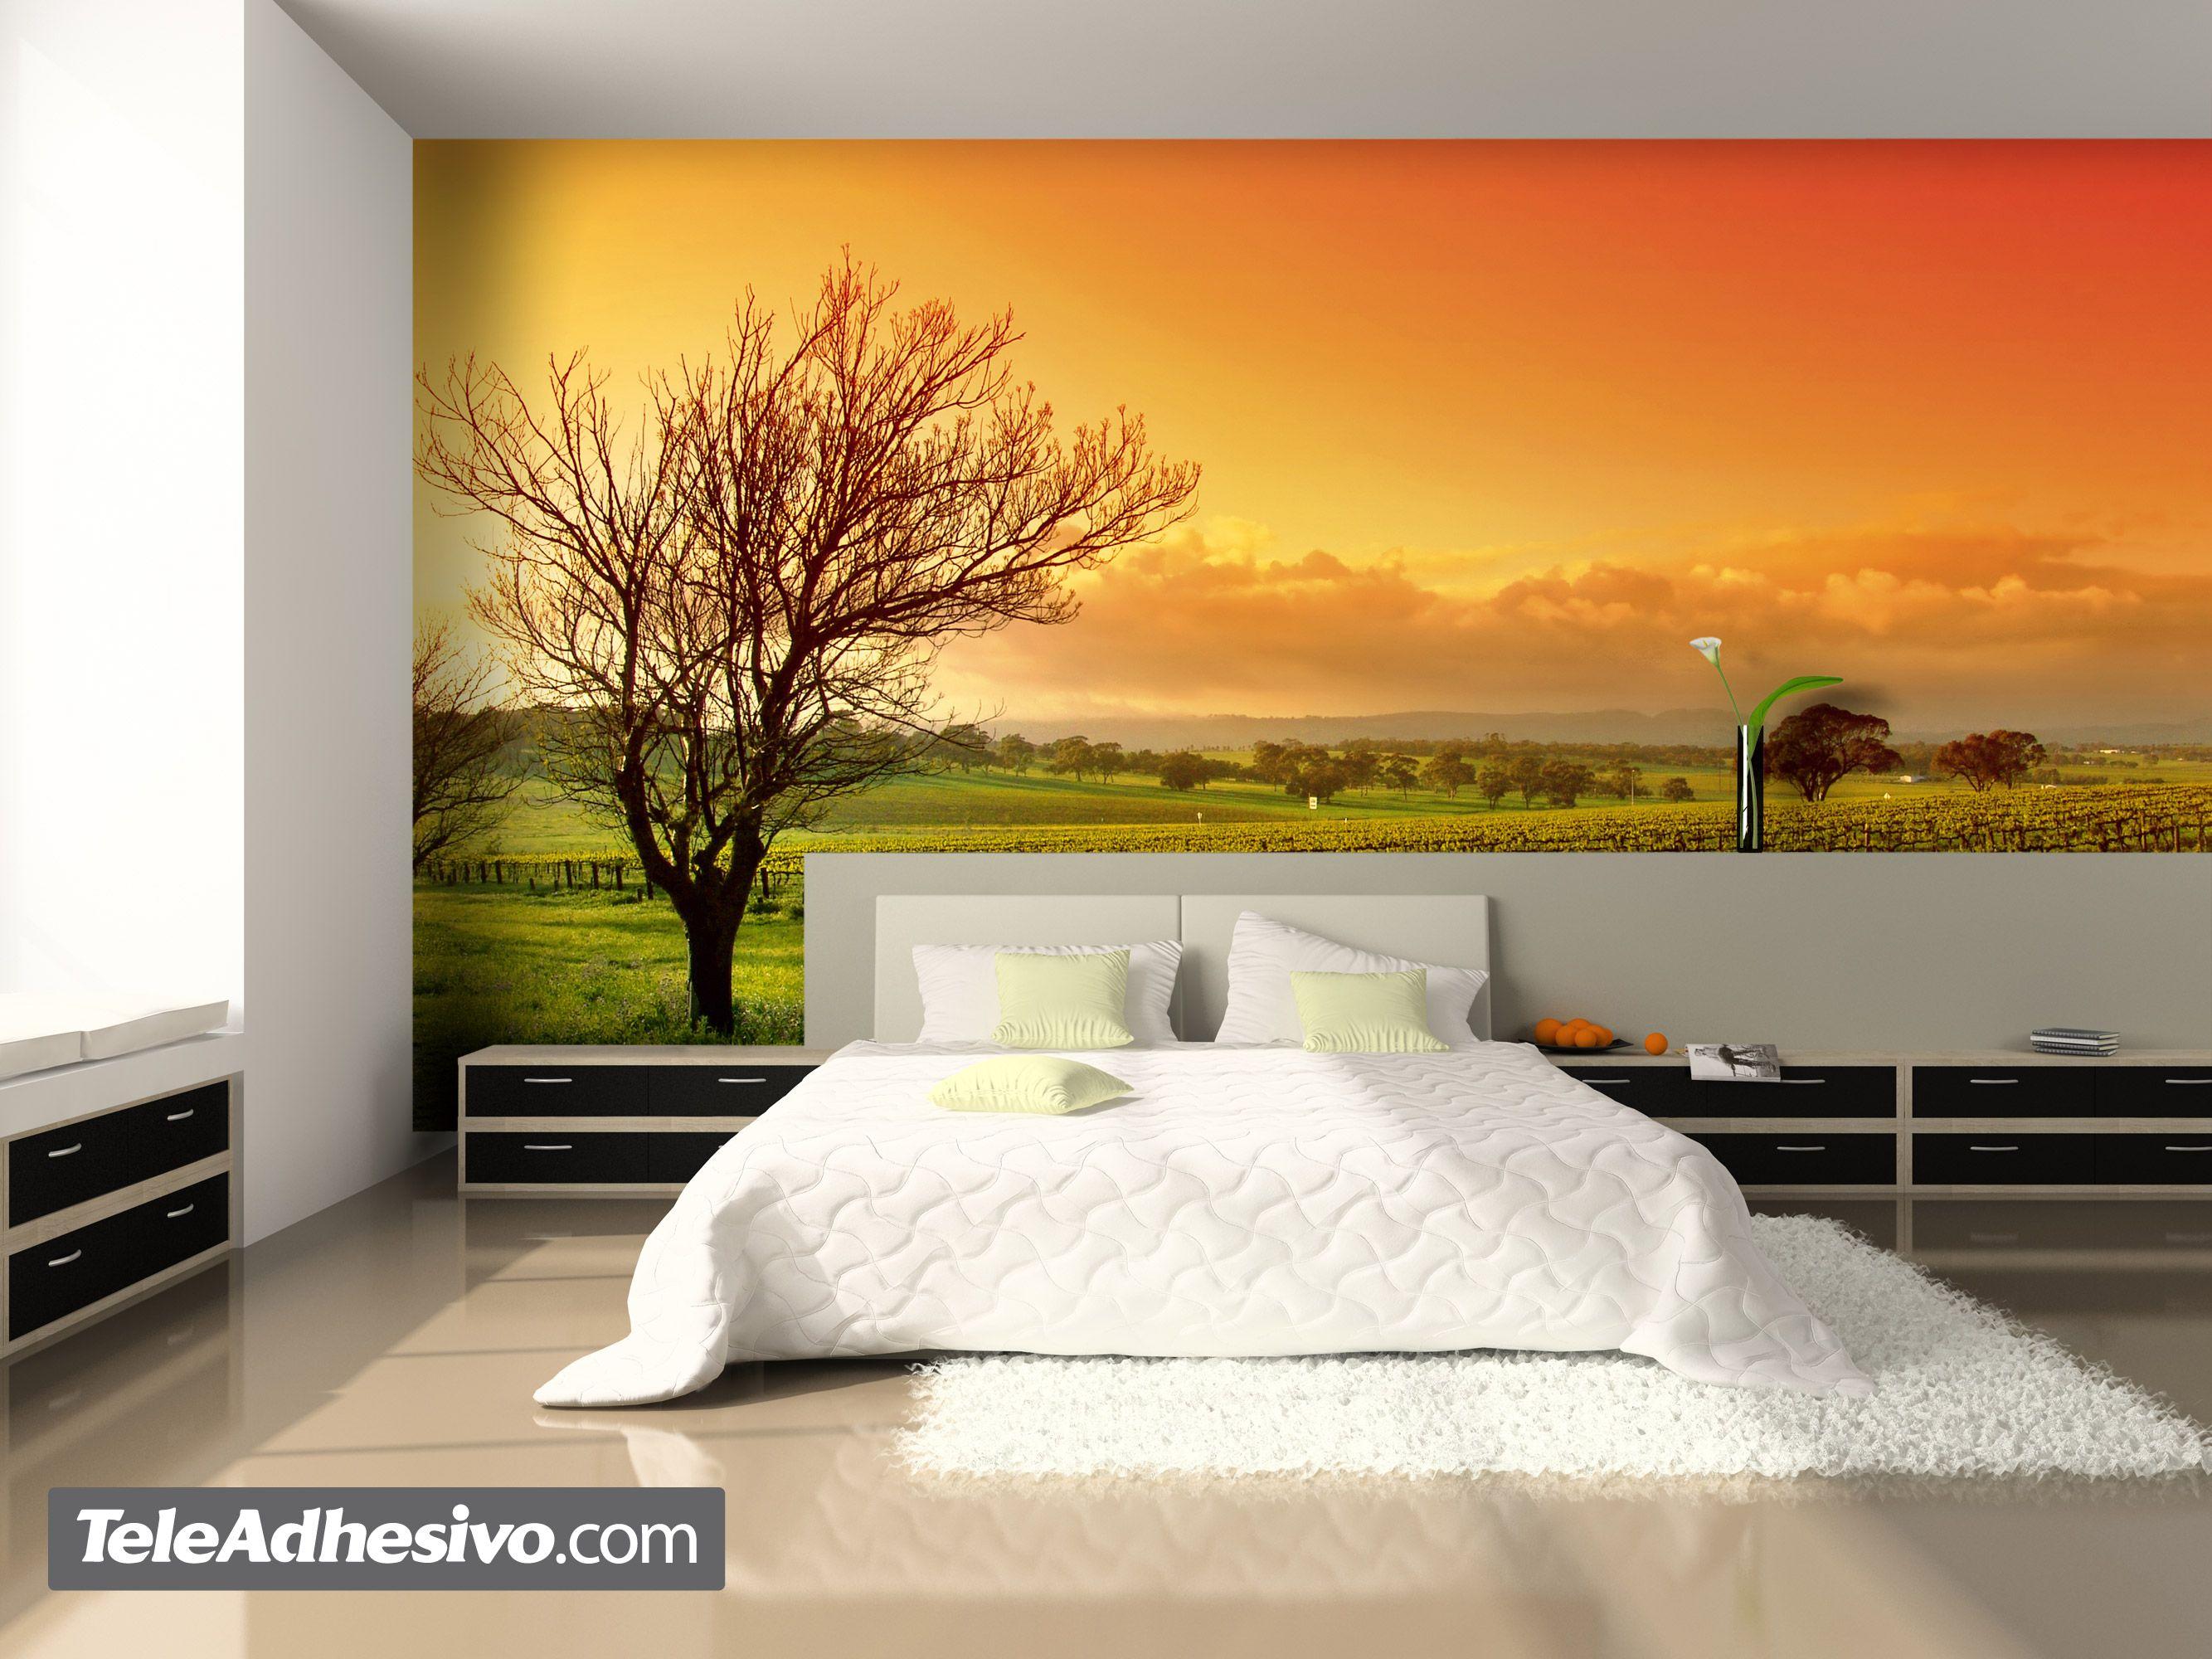 Espacio hogar dise o decoracion fotomural papel for Decoracion hogar diseno